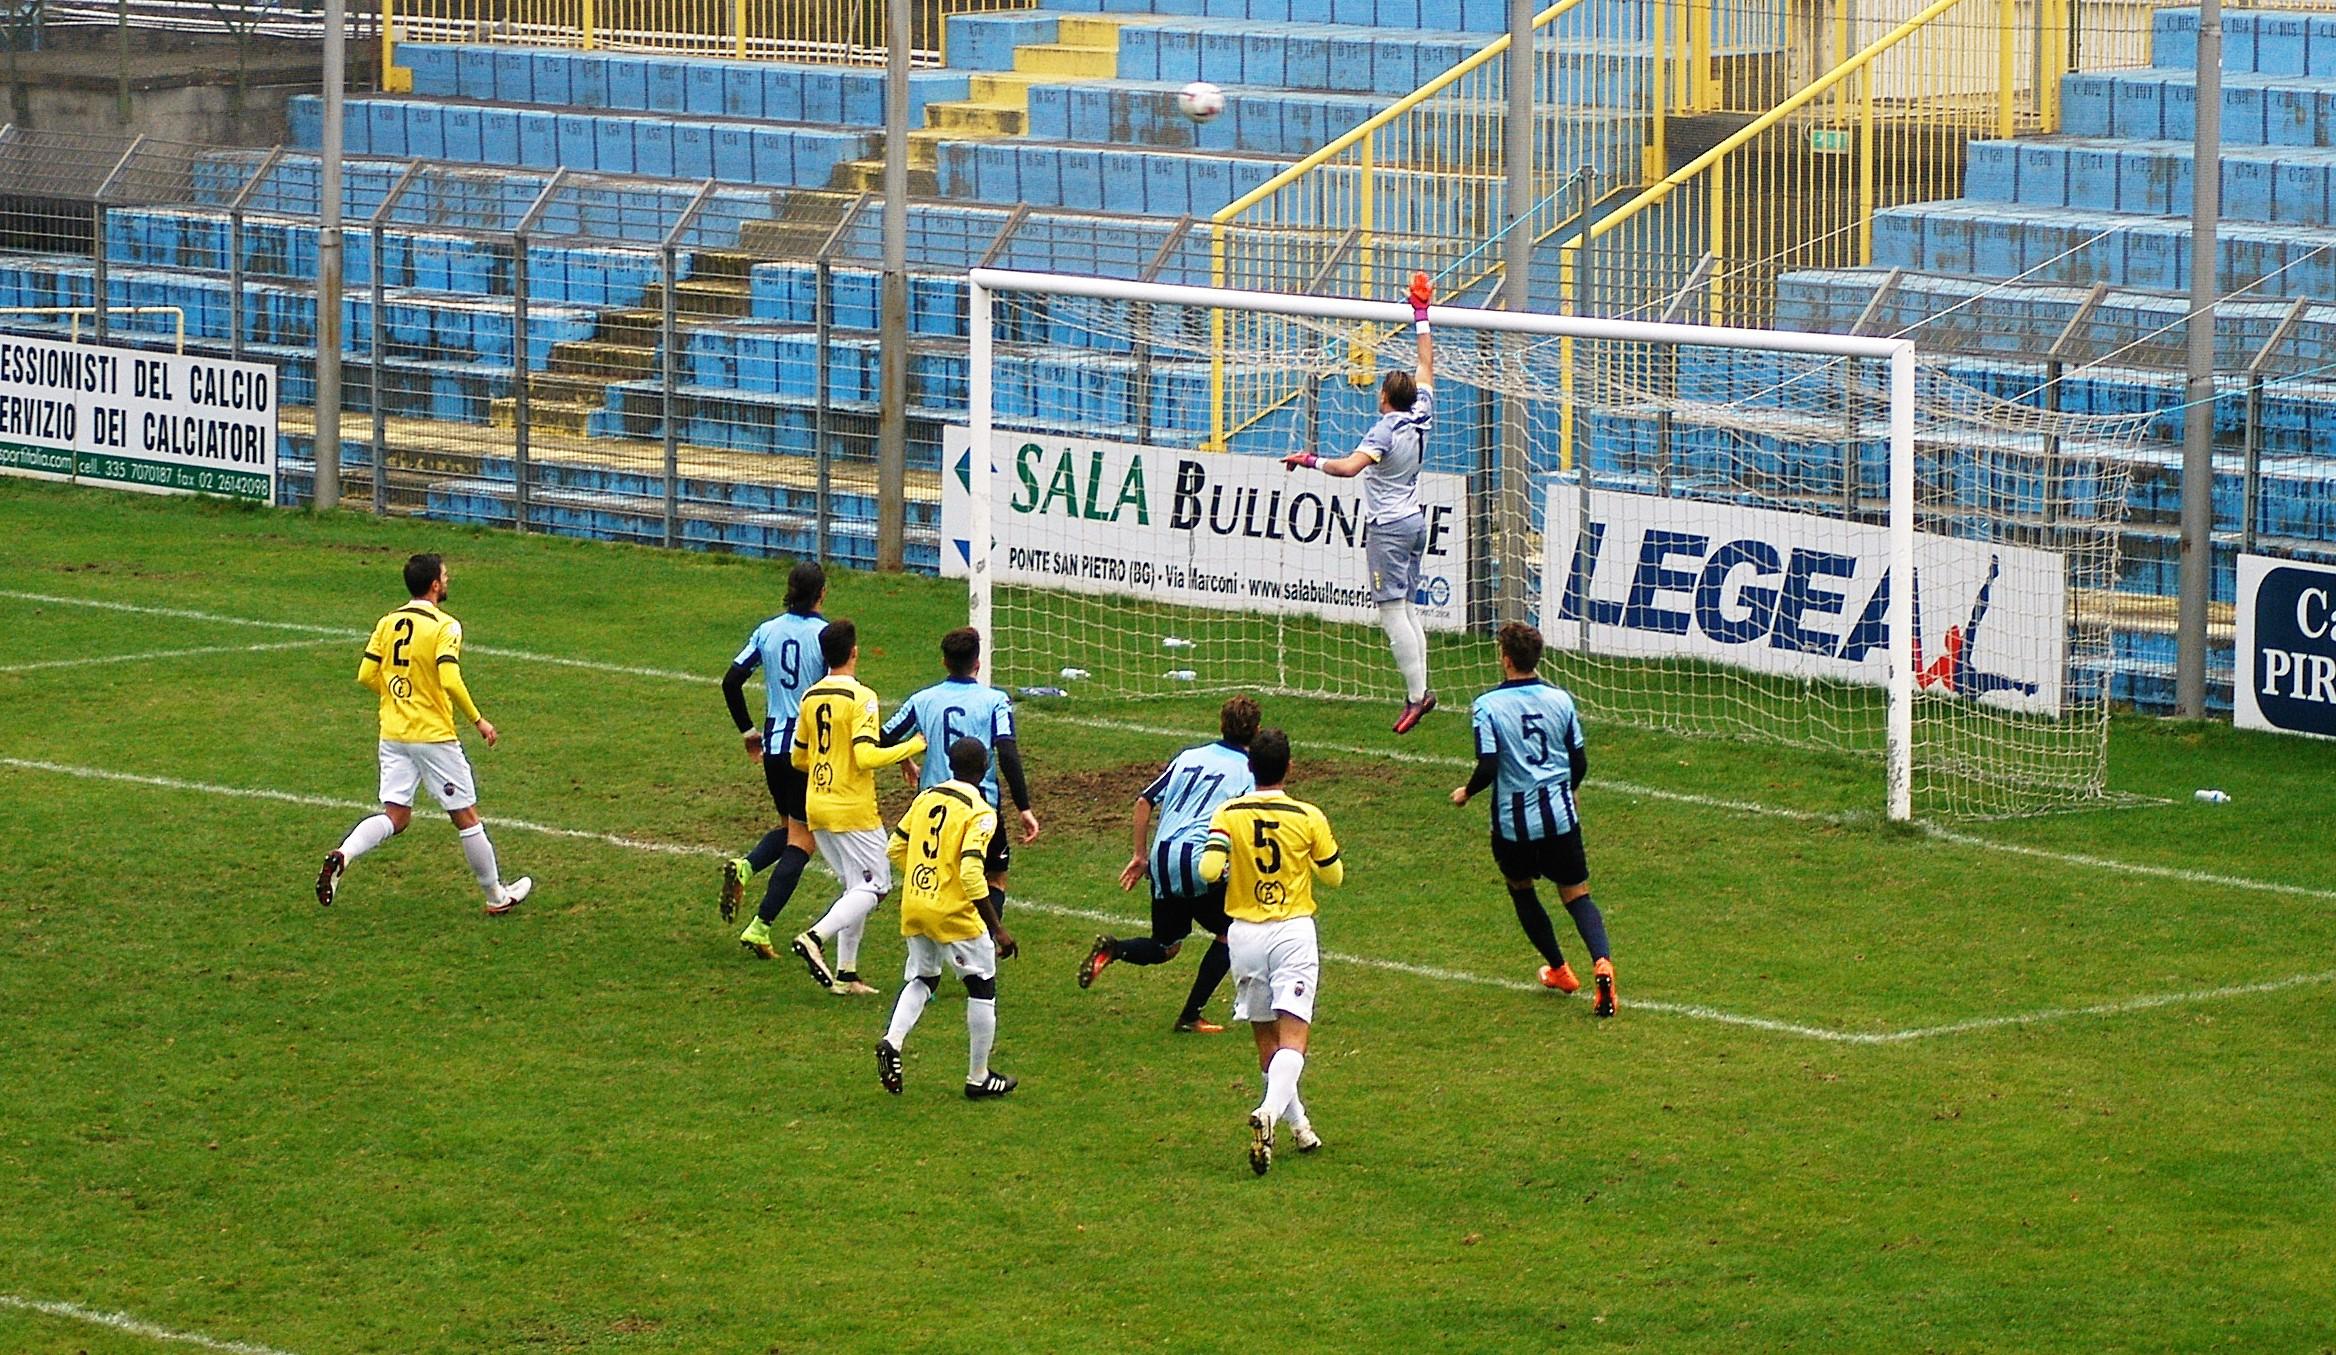 Vivai Di Calcio : Calcio serie d savoia a caccia di giovani talenti da inserire nel